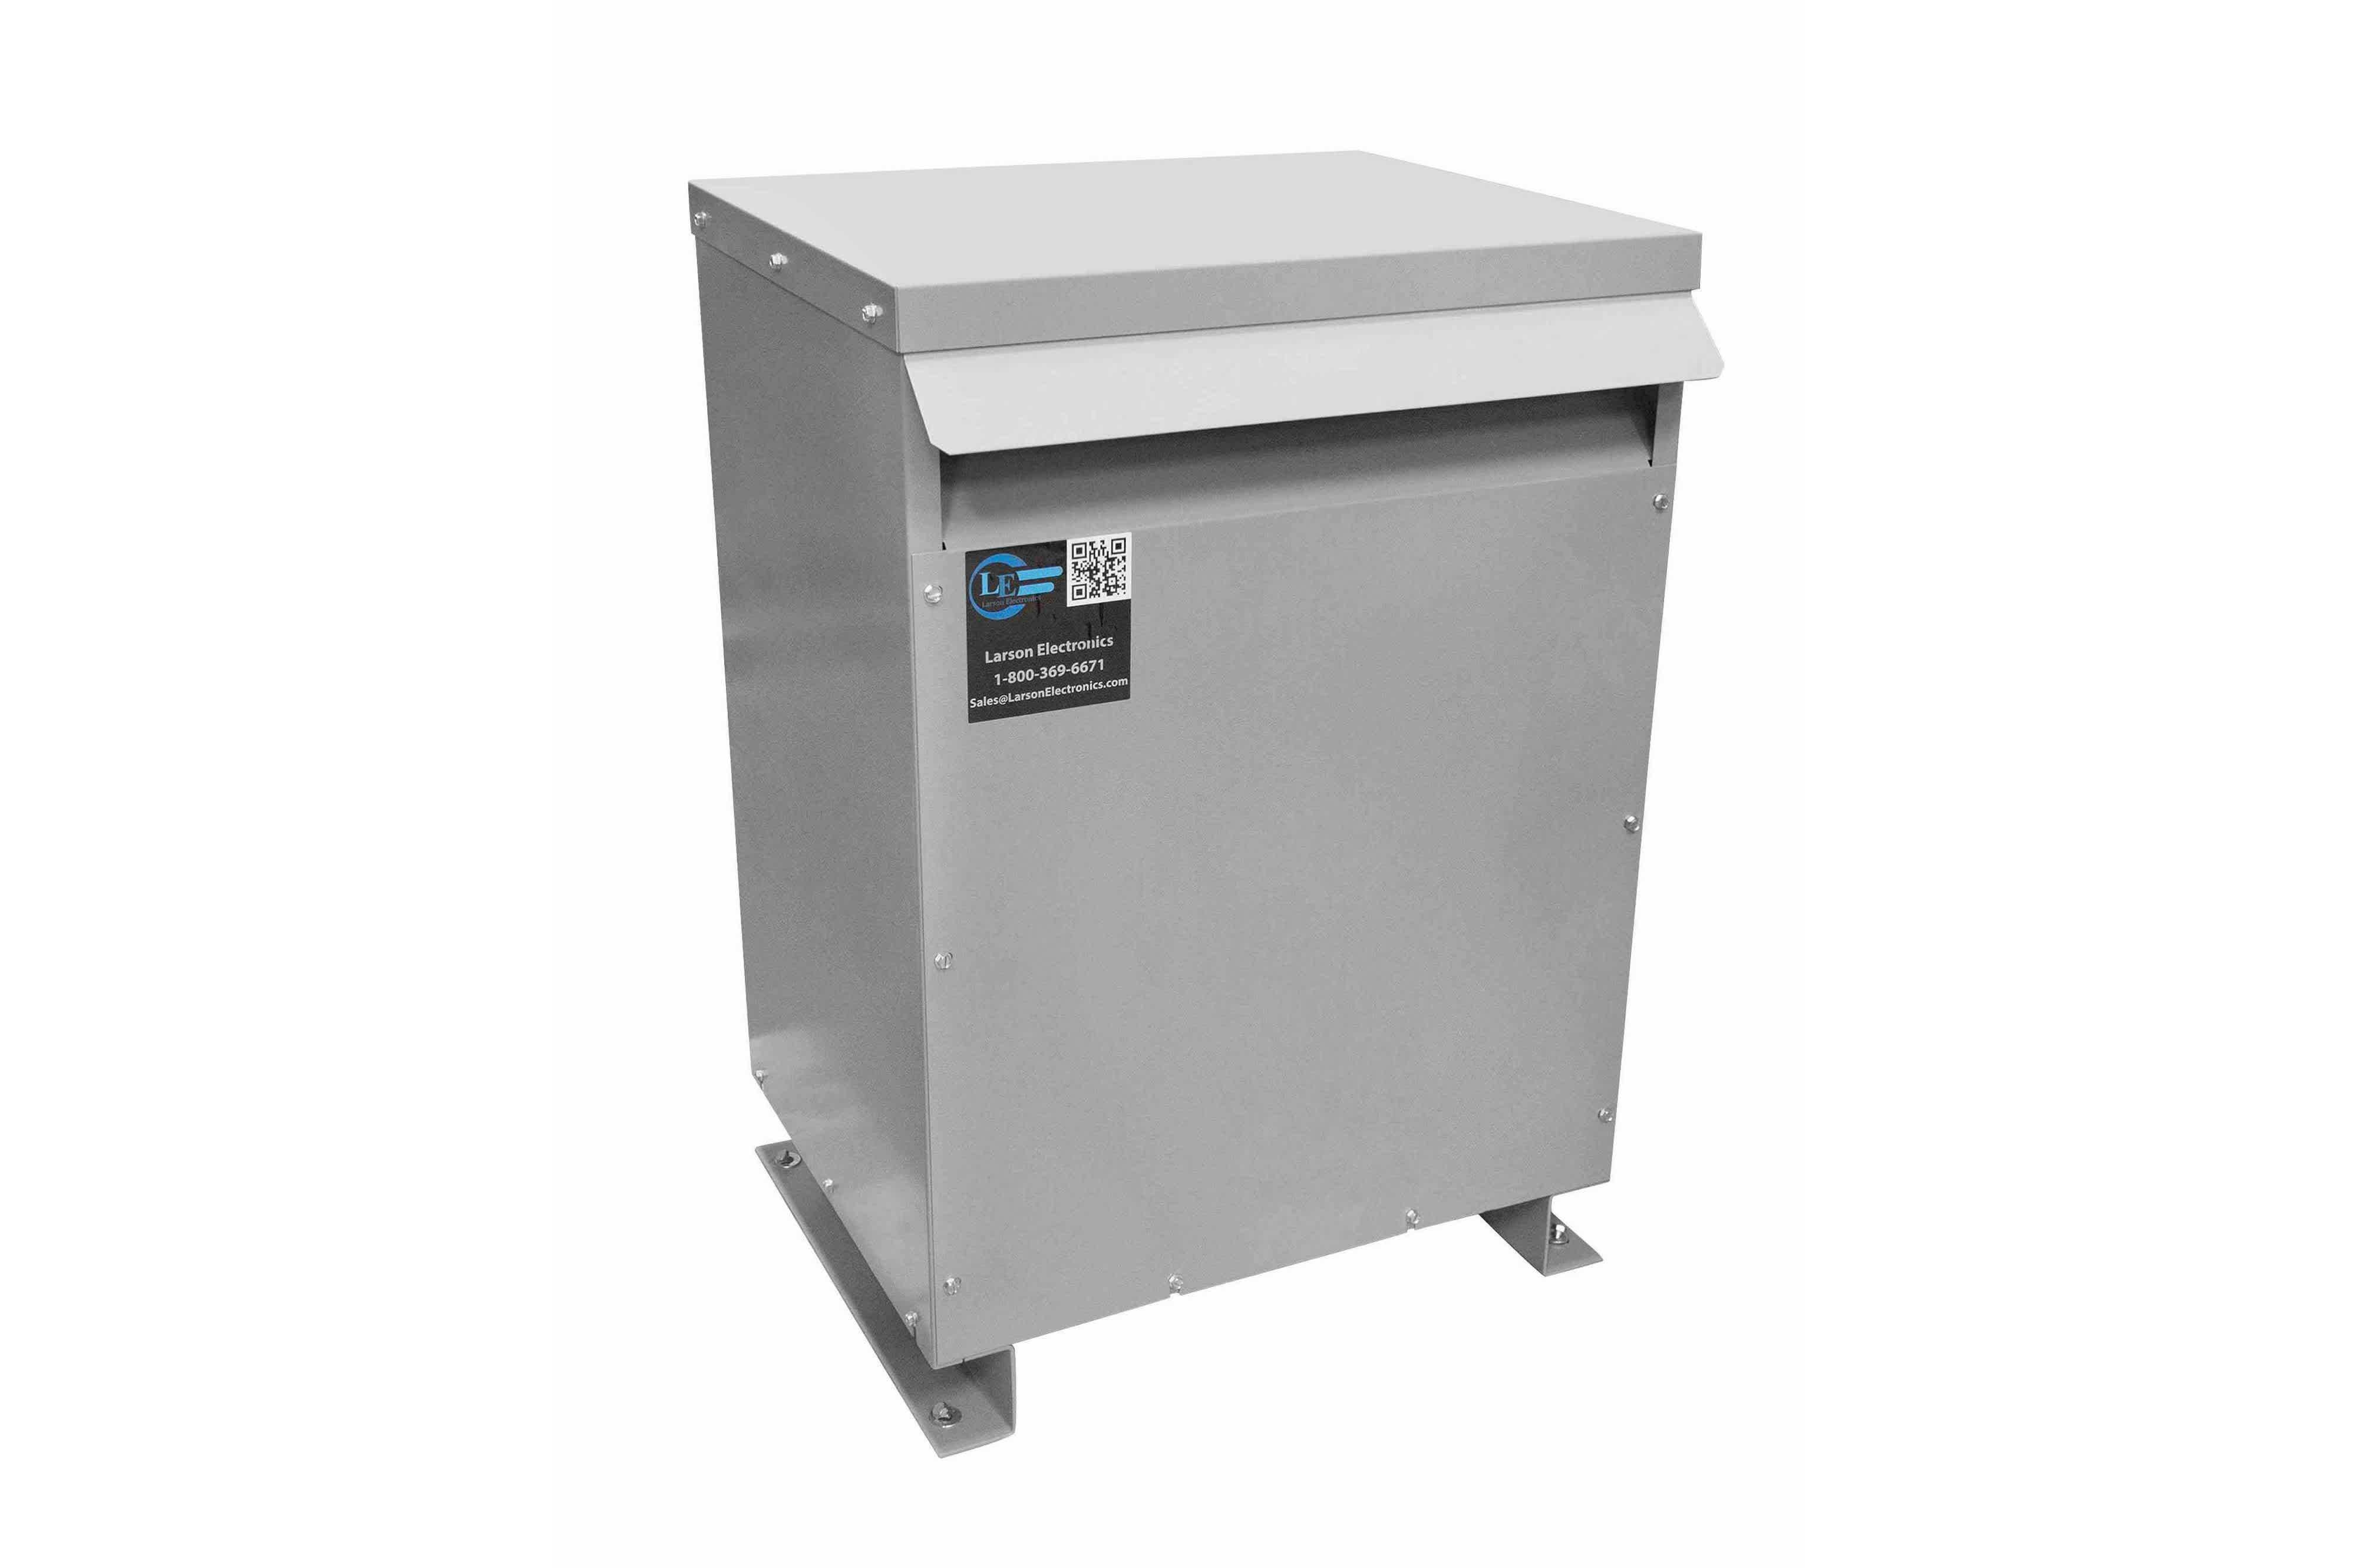 167 kVA 3PH Isolation Transformer, 240V Delta Primary, 380V Delta Secondary, N3R, Ventilated, 60 Hz